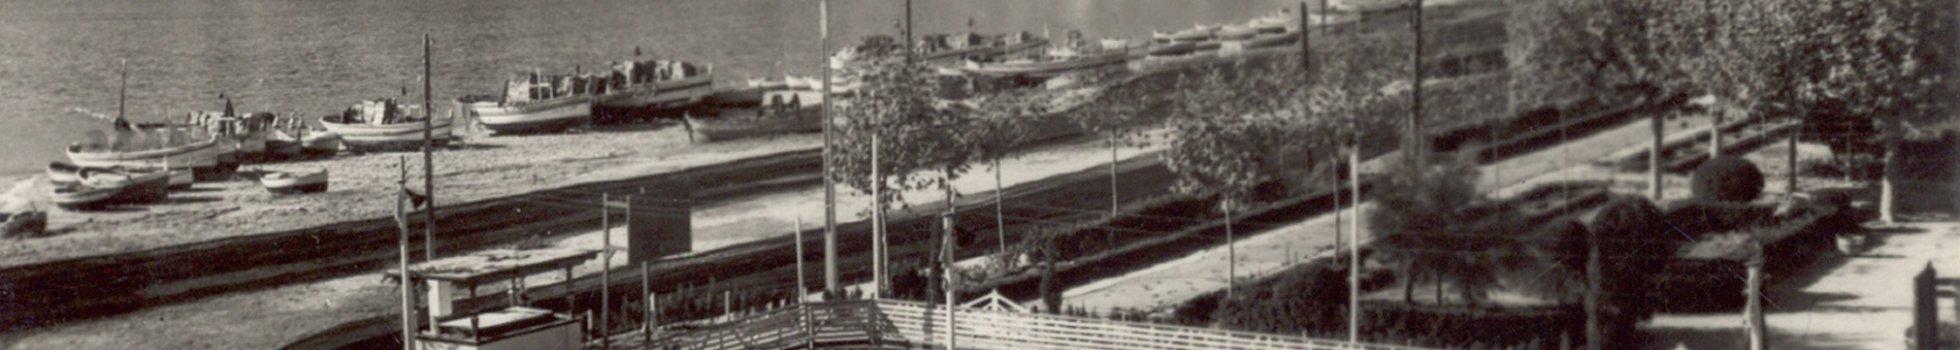 Una pista de patinatge als jardins Juli Garreta